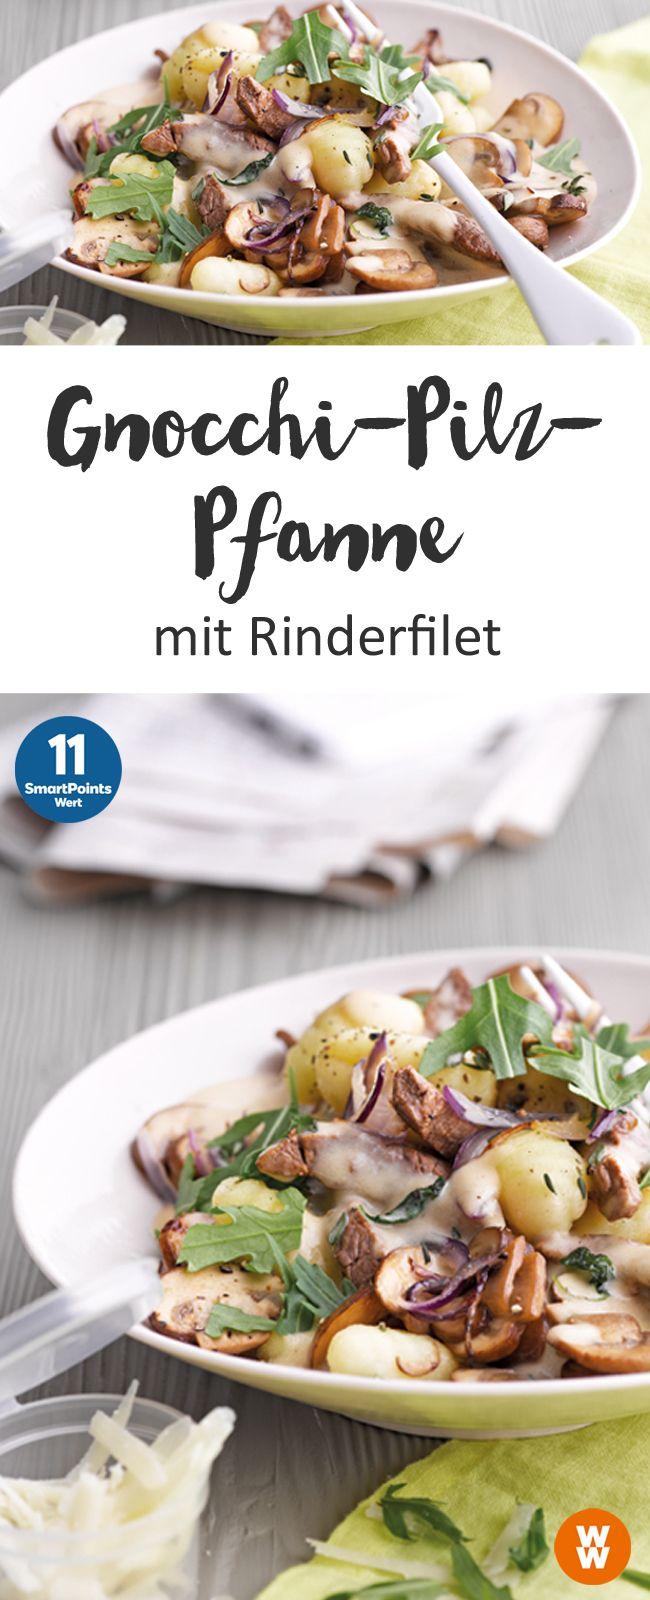 Gnocchi-Pilz-Pfanne | 11 SmartPoints/Portion, Weight Watchers, fertig in 30 min.